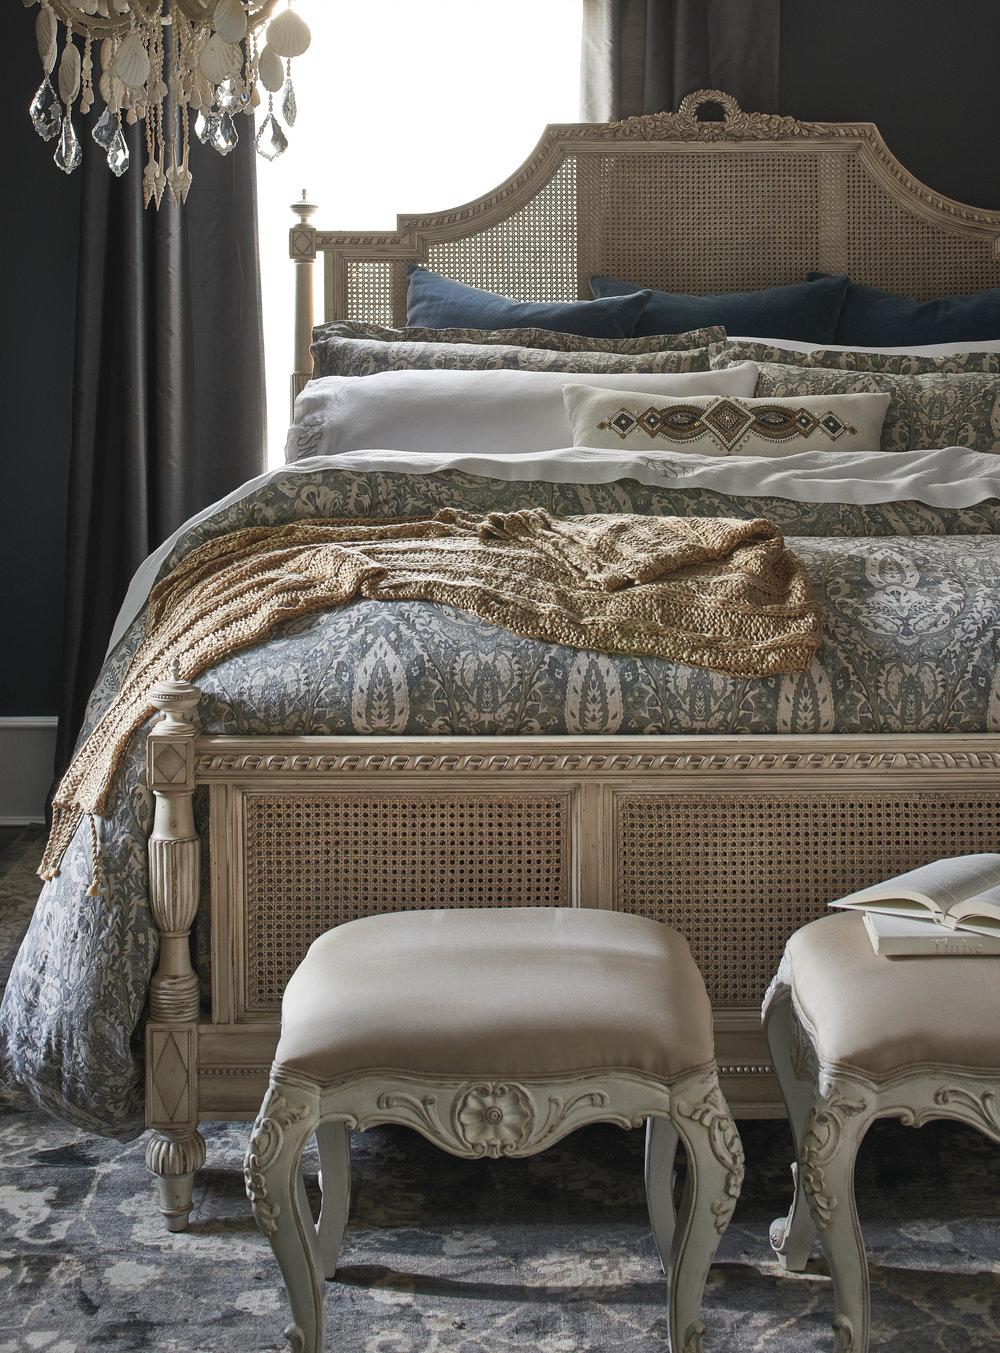 Styling-Soft Goods-Bedding (6).jpg